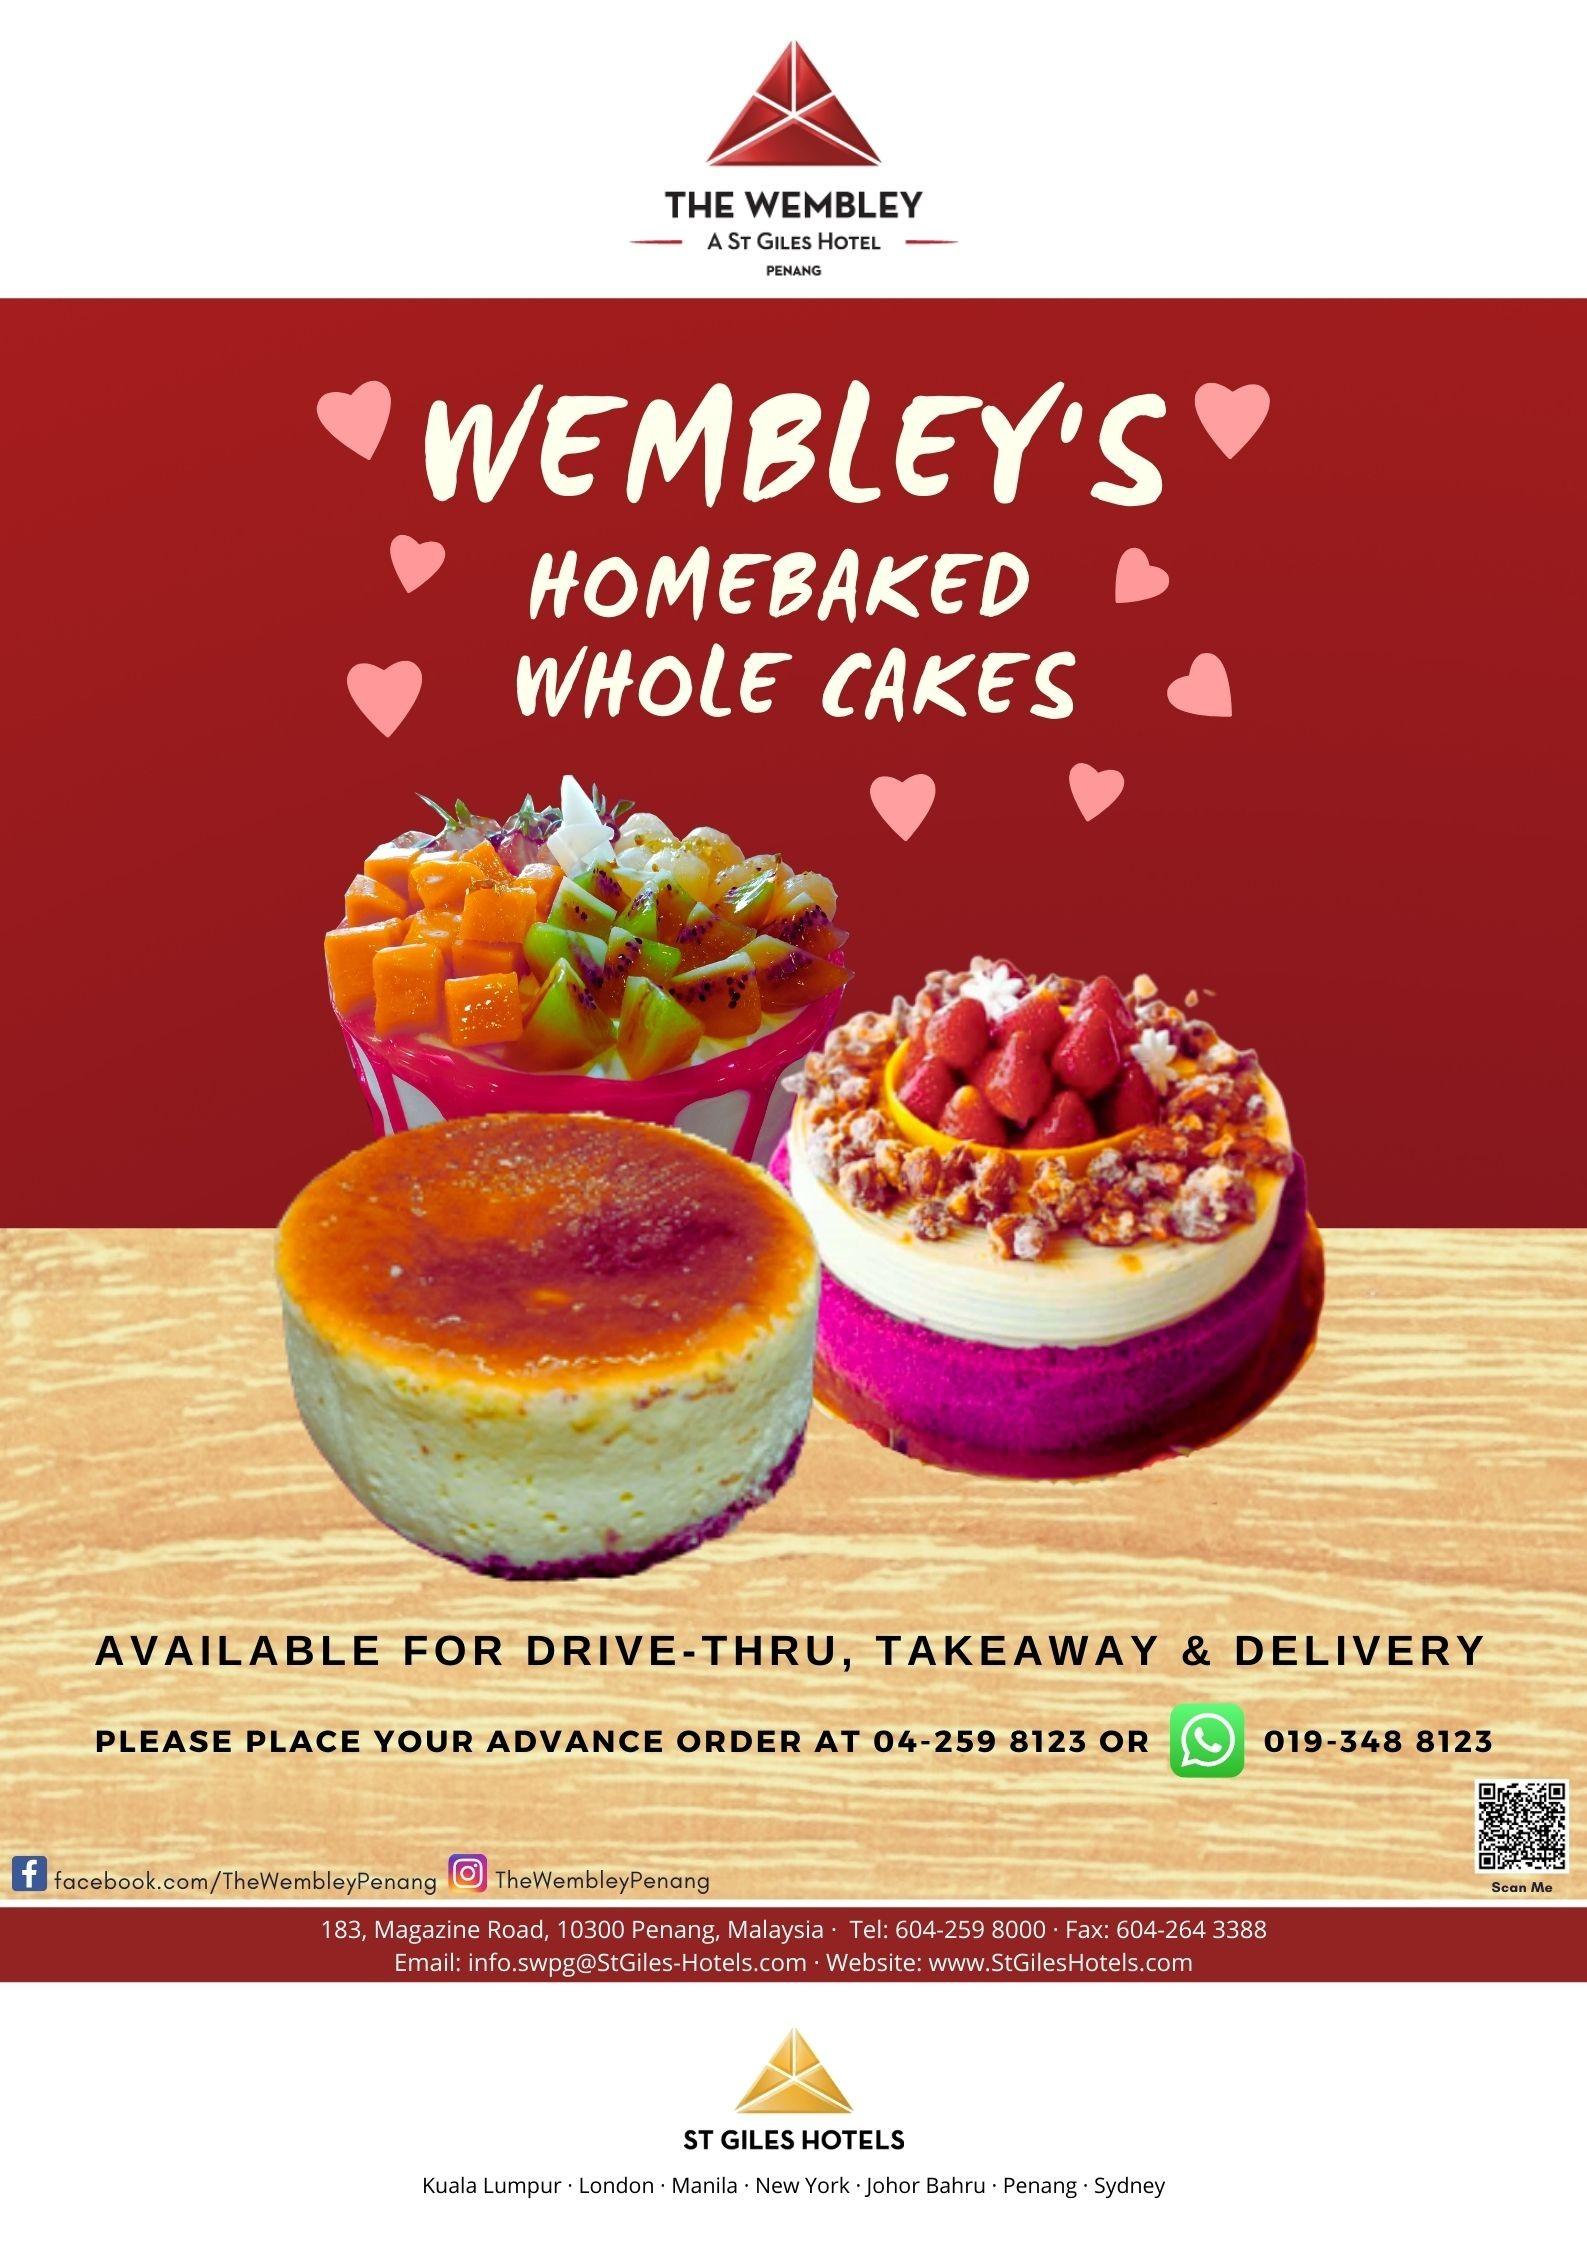 Wembley's Homebaked Whole Cakes